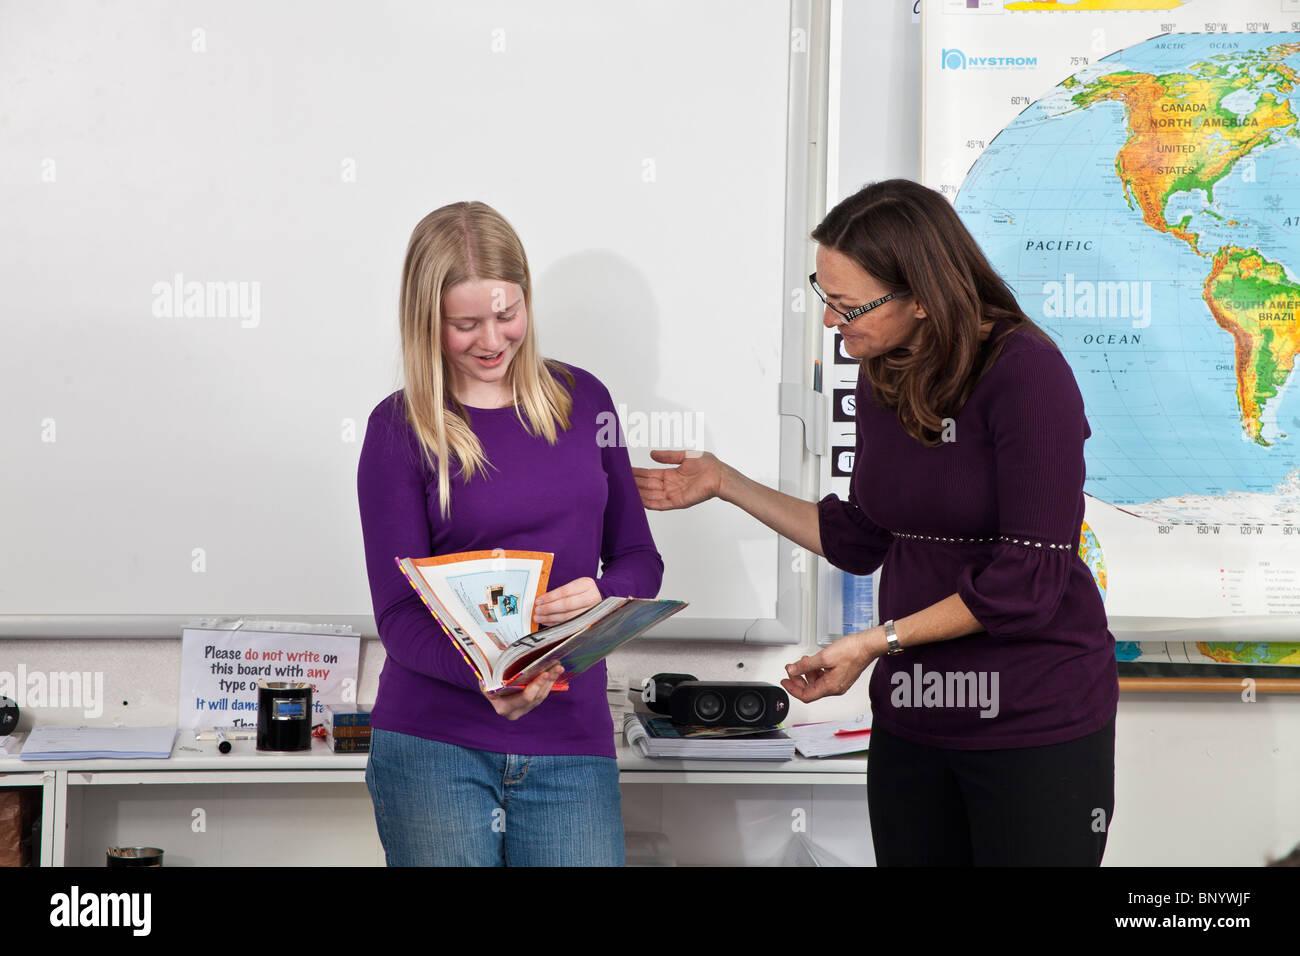 Studente bambini 11-13 anni di parlare e di lettura con insegnante di fronte di classe femmine femmina persona persone negli Stati Uniti signor © Myrleen Pearson Foto Stock